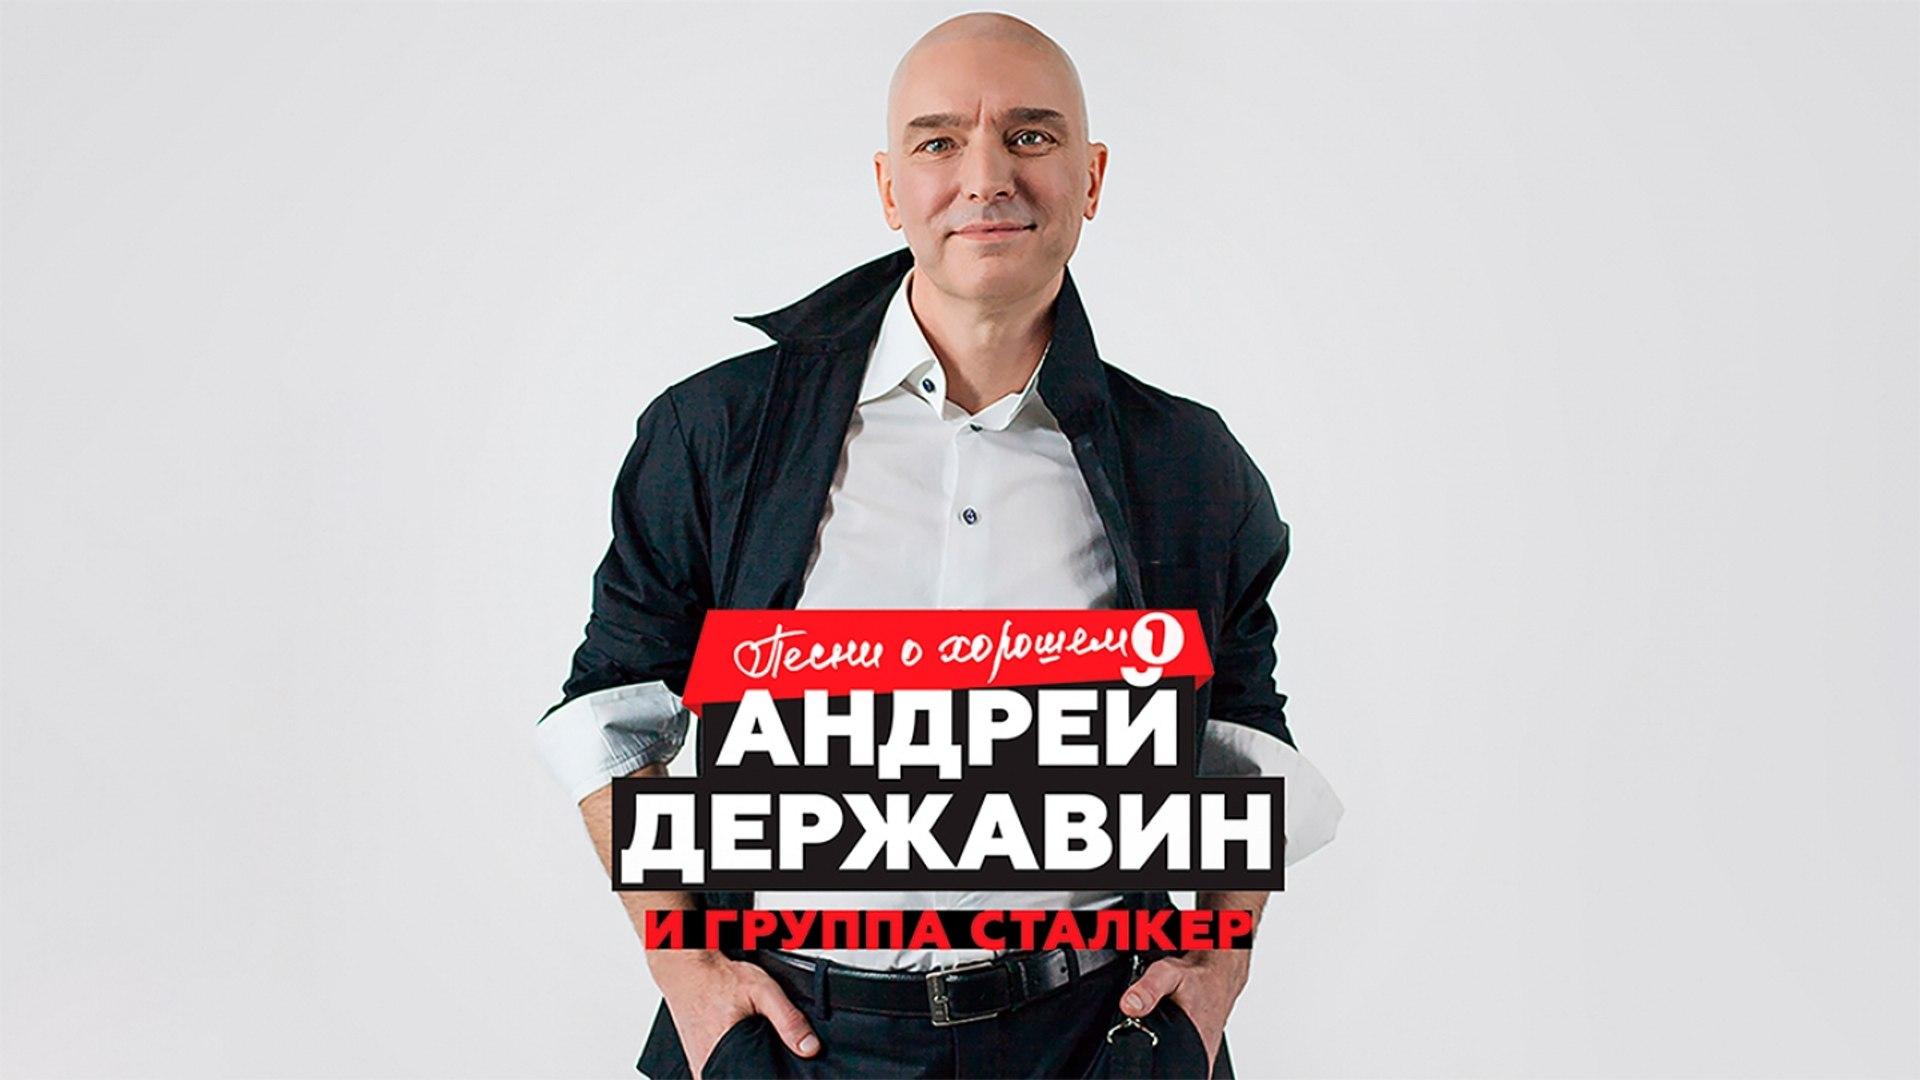 Андрей Державин, Сталкер - Песни о хорошем, часть 1